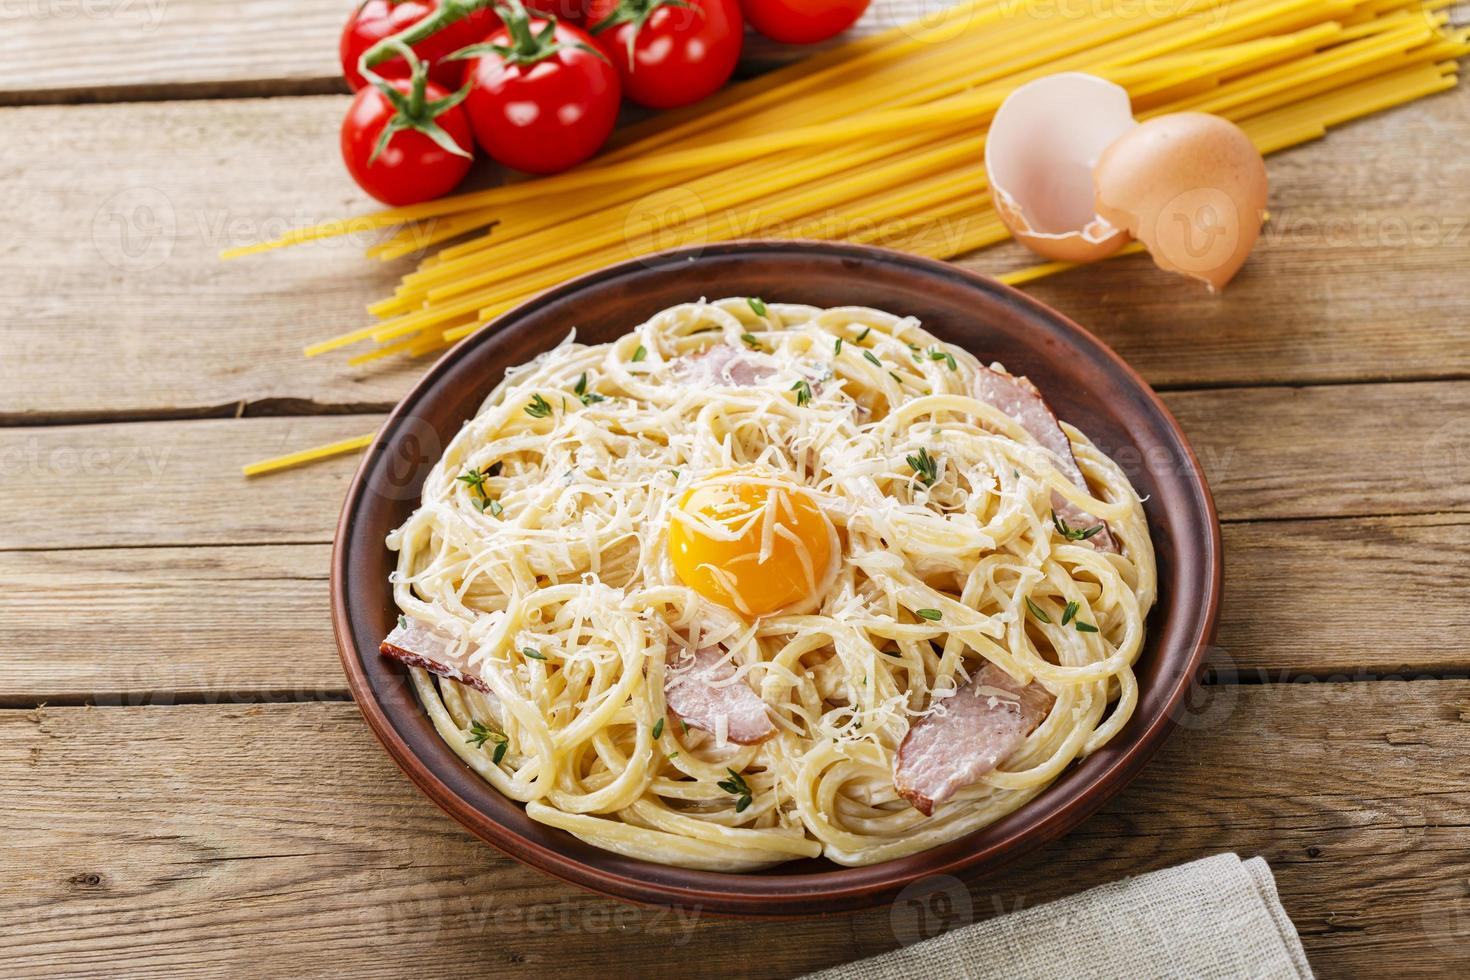 pâtes carbonara au jaune d'oeuf et au parmesan photo